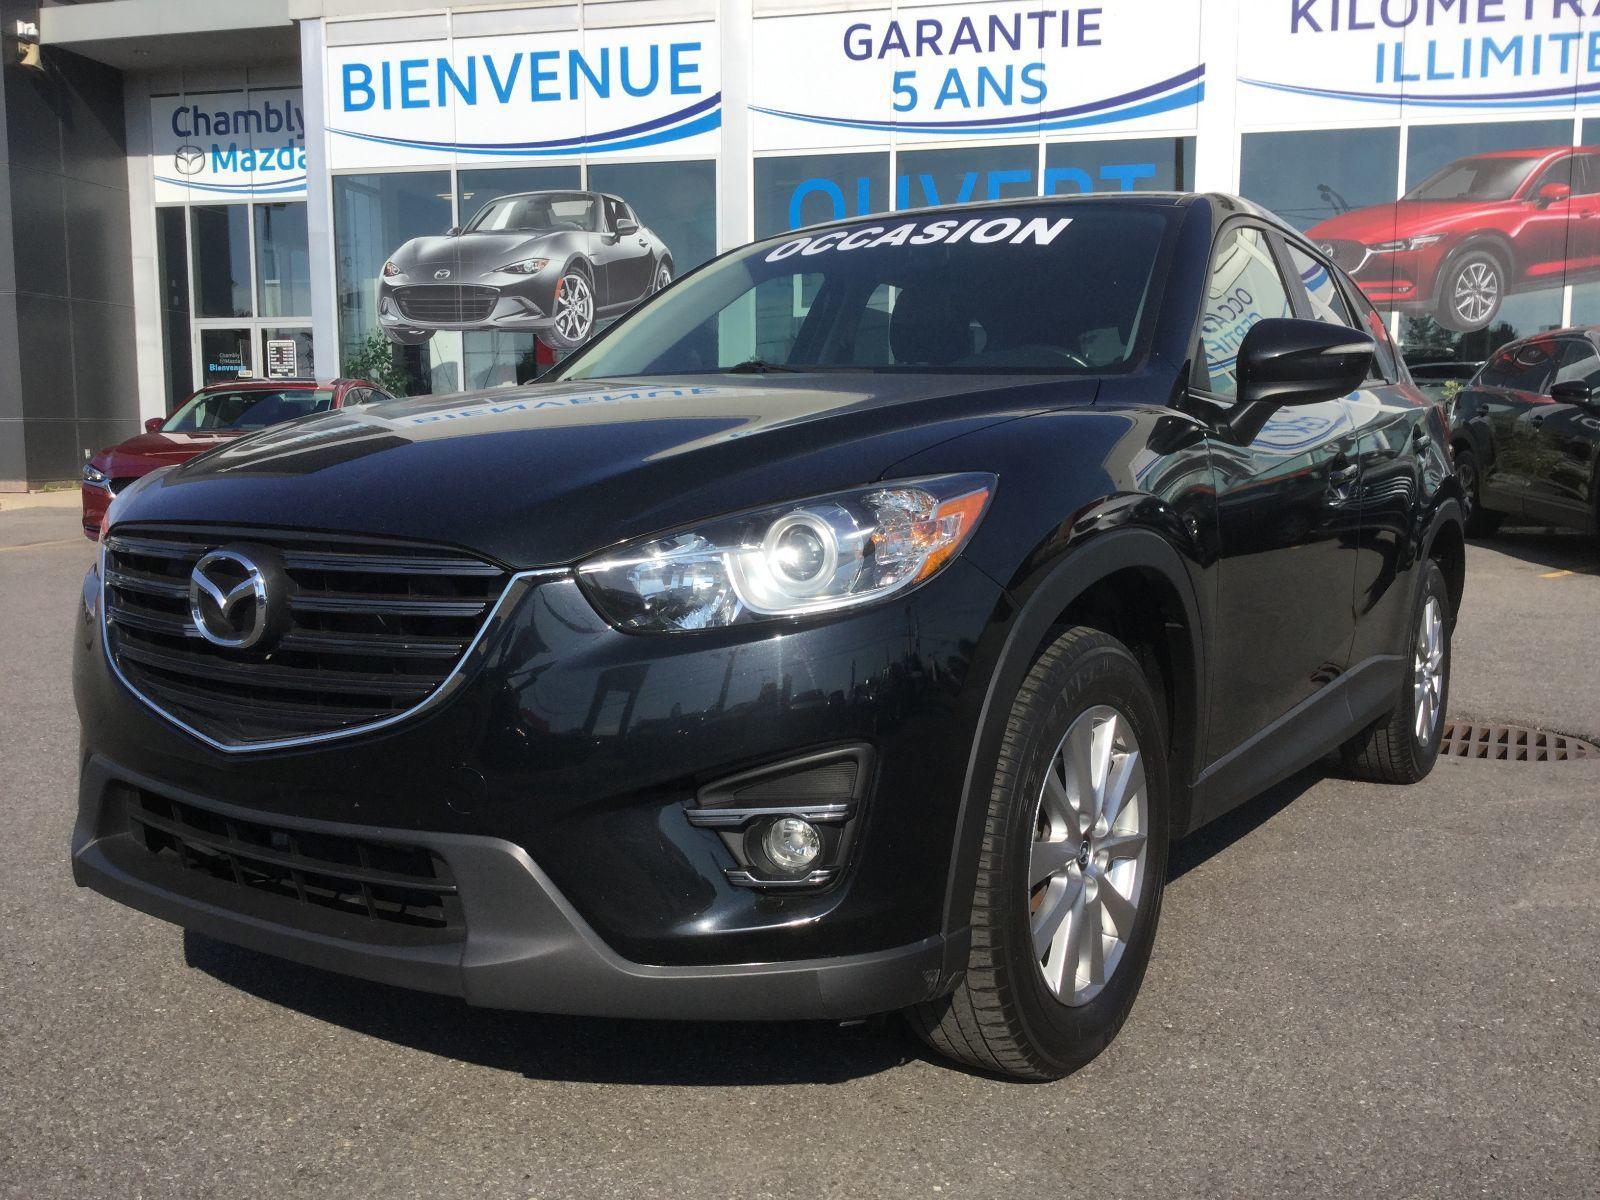 Mazda CX-5 GS, AWD, CUIR, TOIT, SIEGES CHAUFFANTS, BLUETOOTH 2016 JAMAIS ACCIDENTÉ, UN SEUL PROPRIÉTAIRE